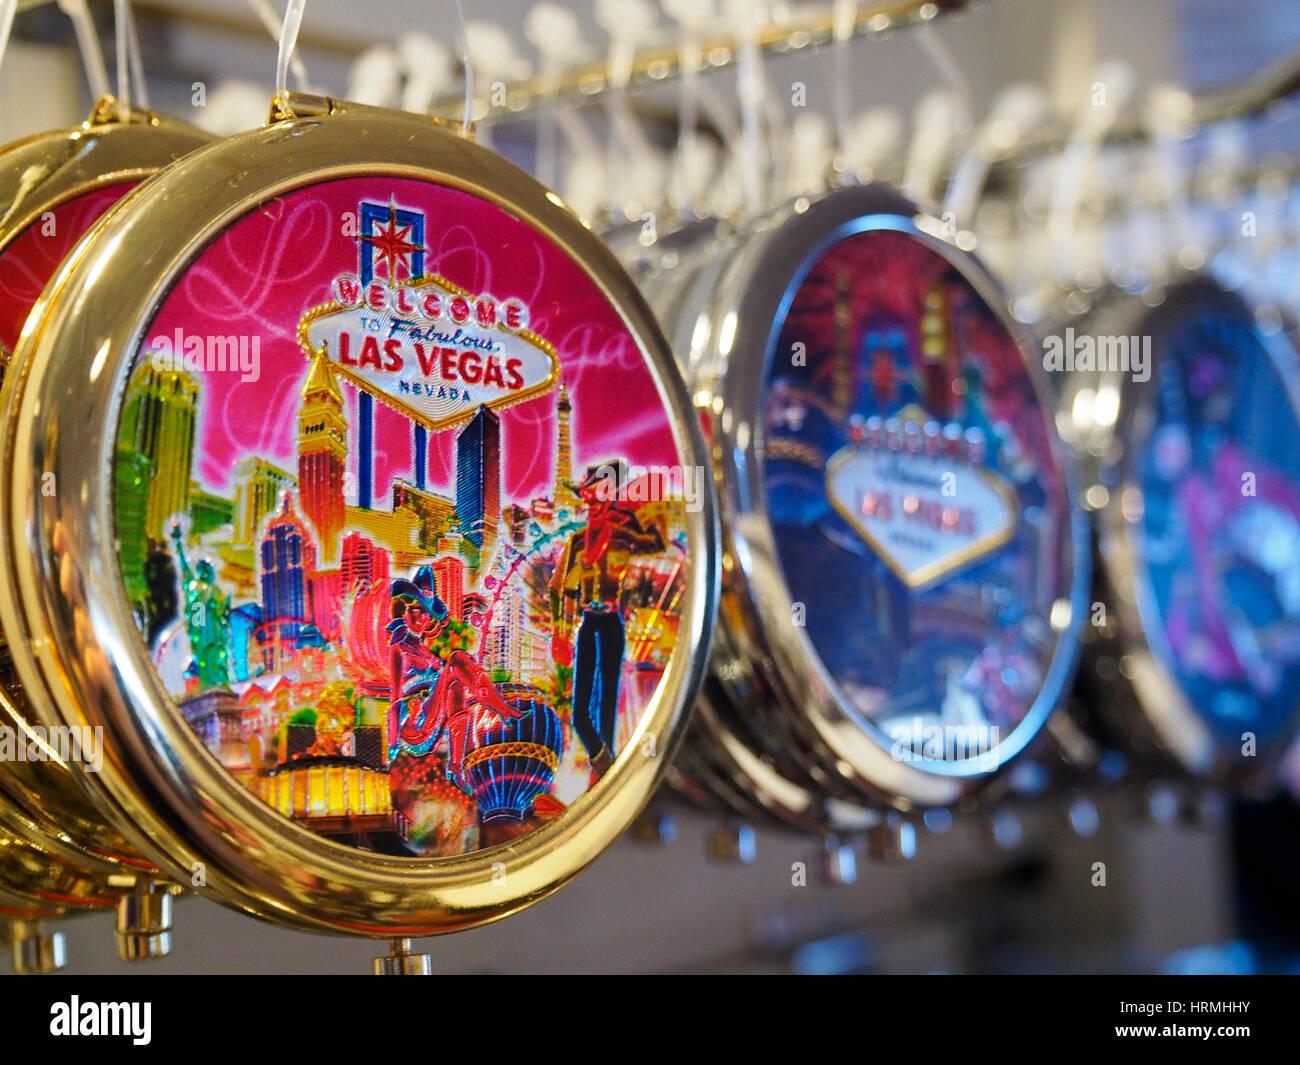 Las Vegas chiave catena negozio di souvenir in un negozio di Las Vegas Immagini Stock